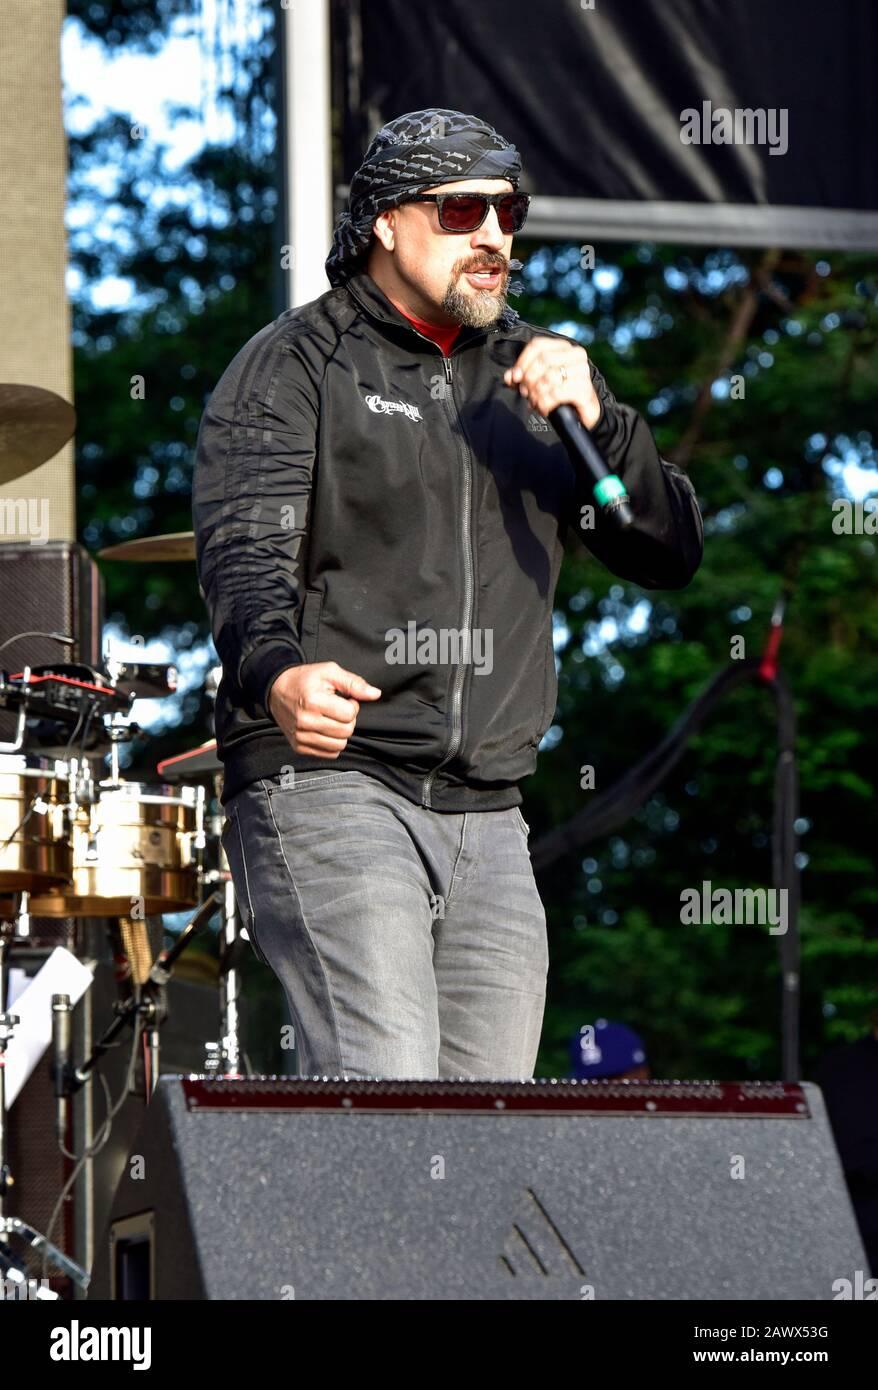 B-Real di Cypress Hill sul palco al Bottlerock Music Festival Di Napa, California. Foto Stock